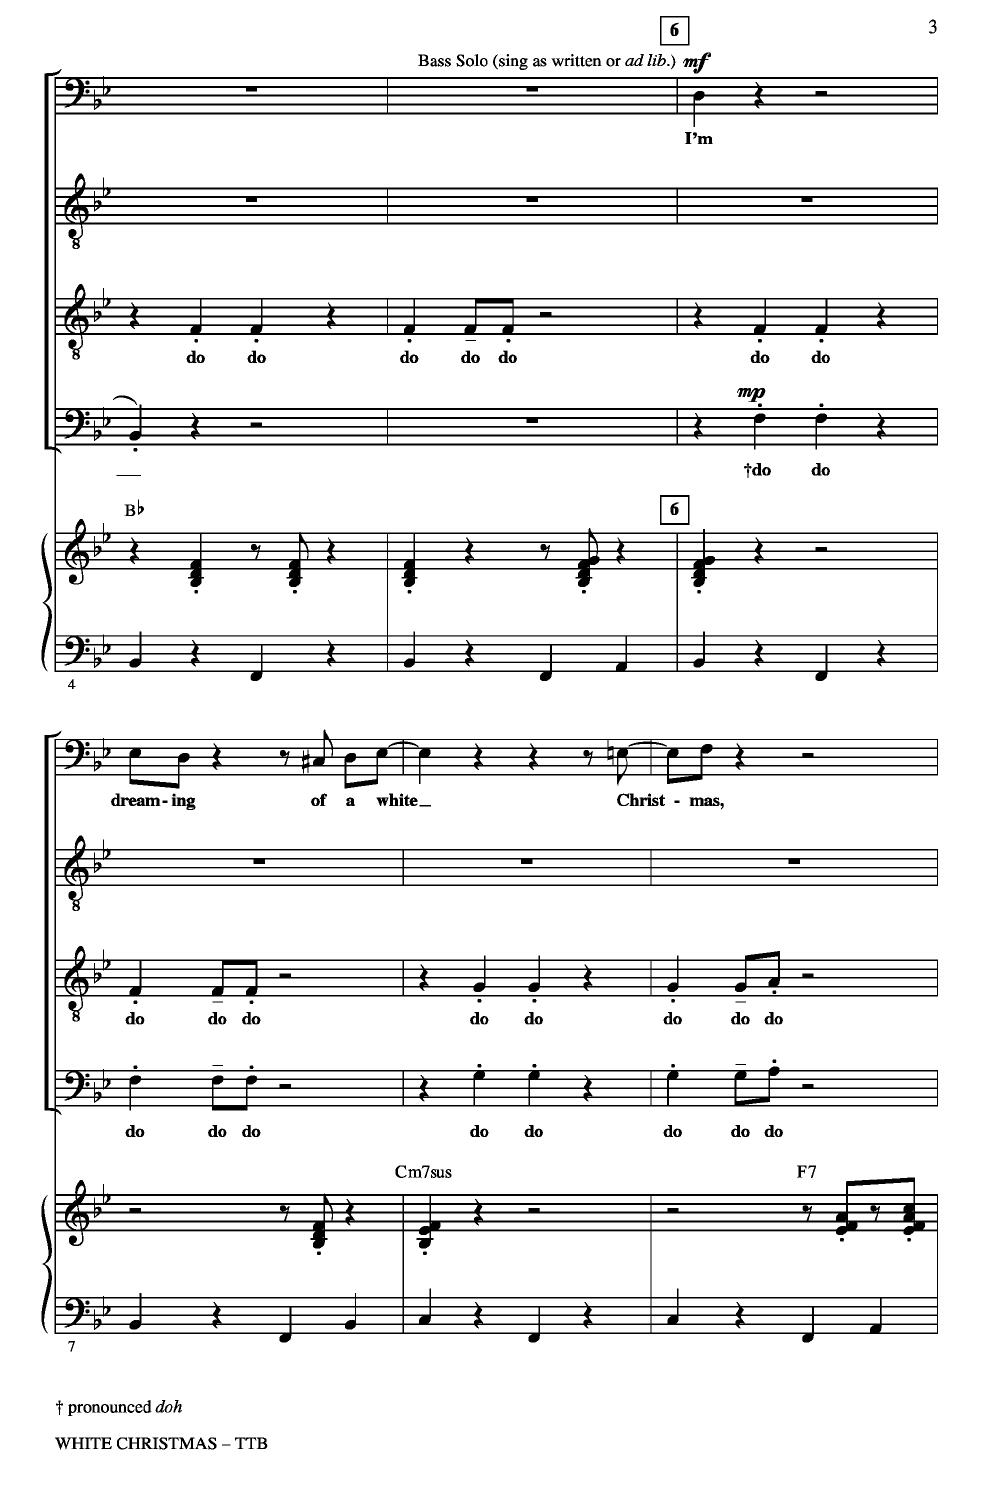 White Christmas (TTB ) arr. Audrey Snyder| J.W. Pepper Sheet Music